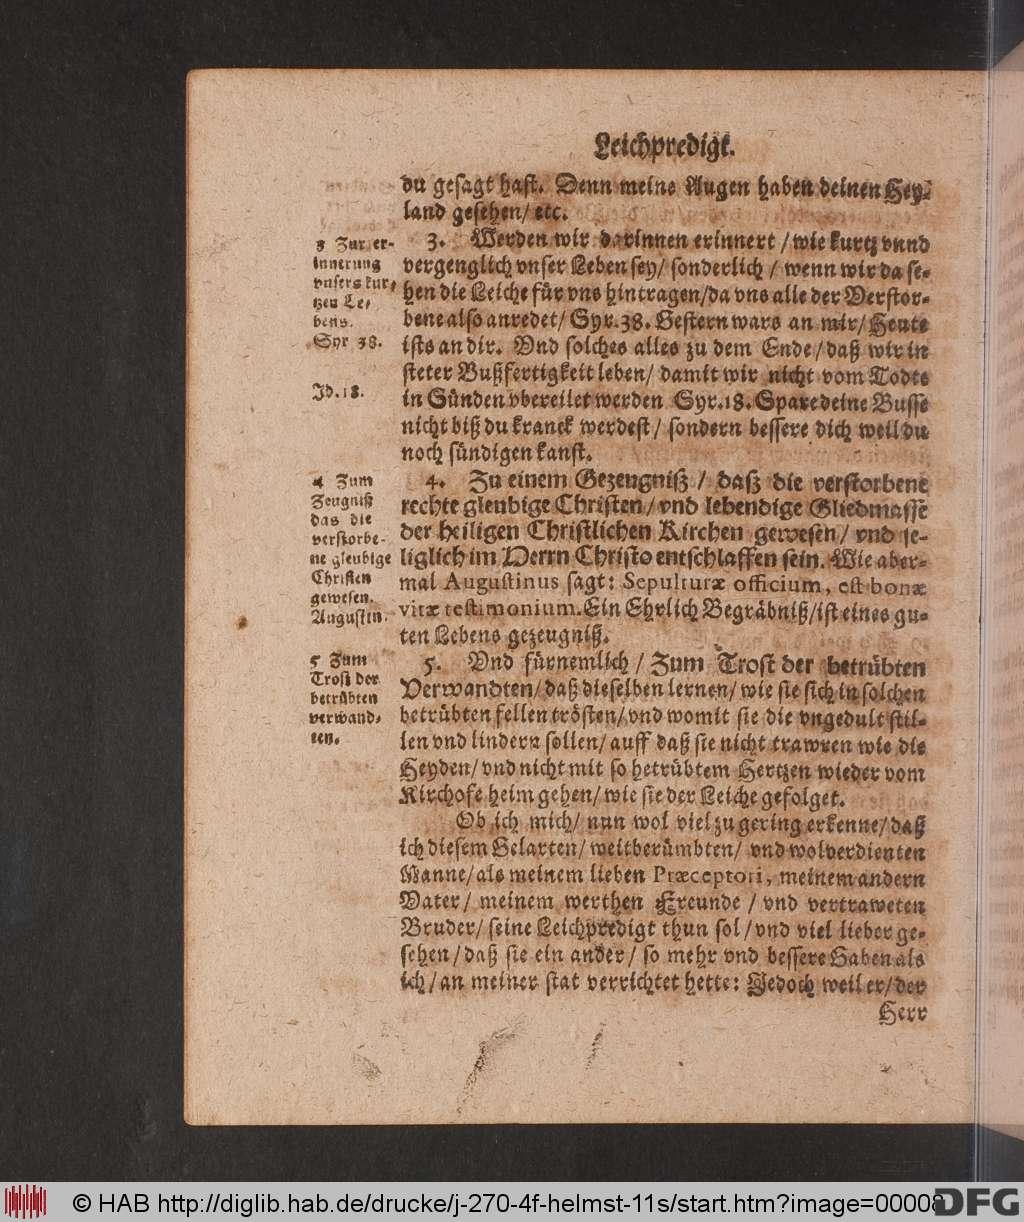 http://diglib.hab.de/drucke/j-270-4f-helmst-11s/00008.jpg